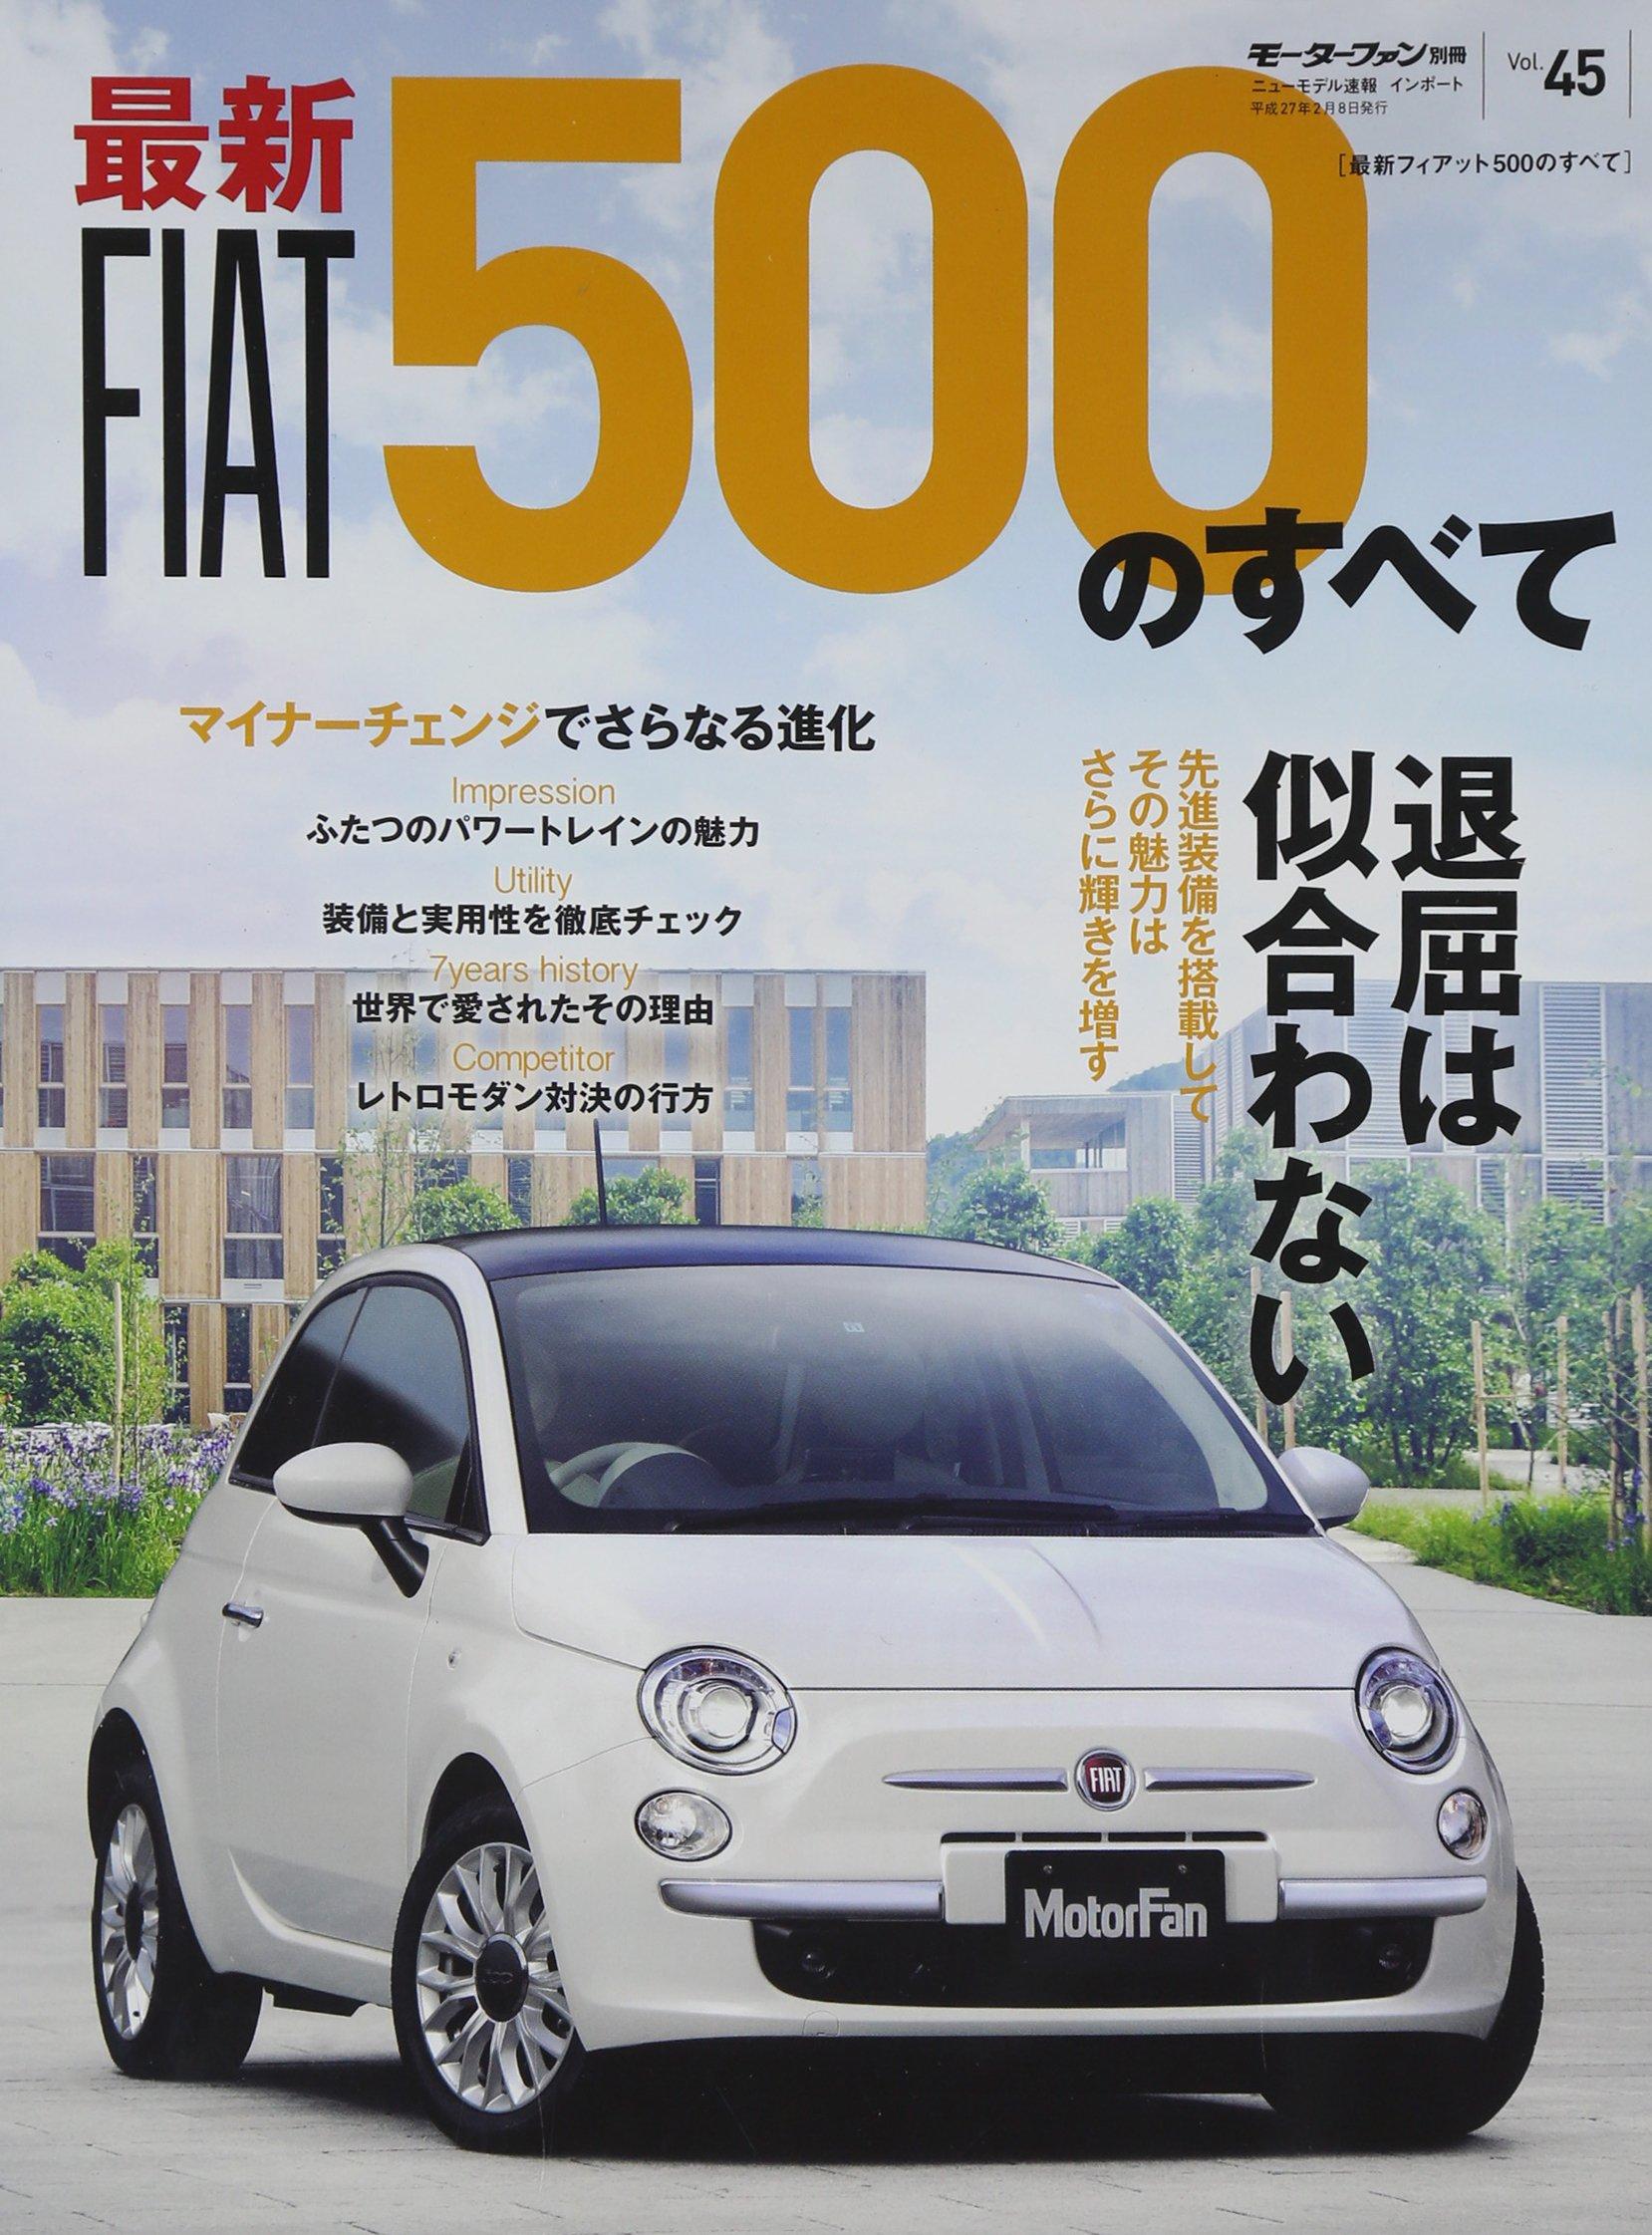 『フィアット500のすべて』(三栄書房)